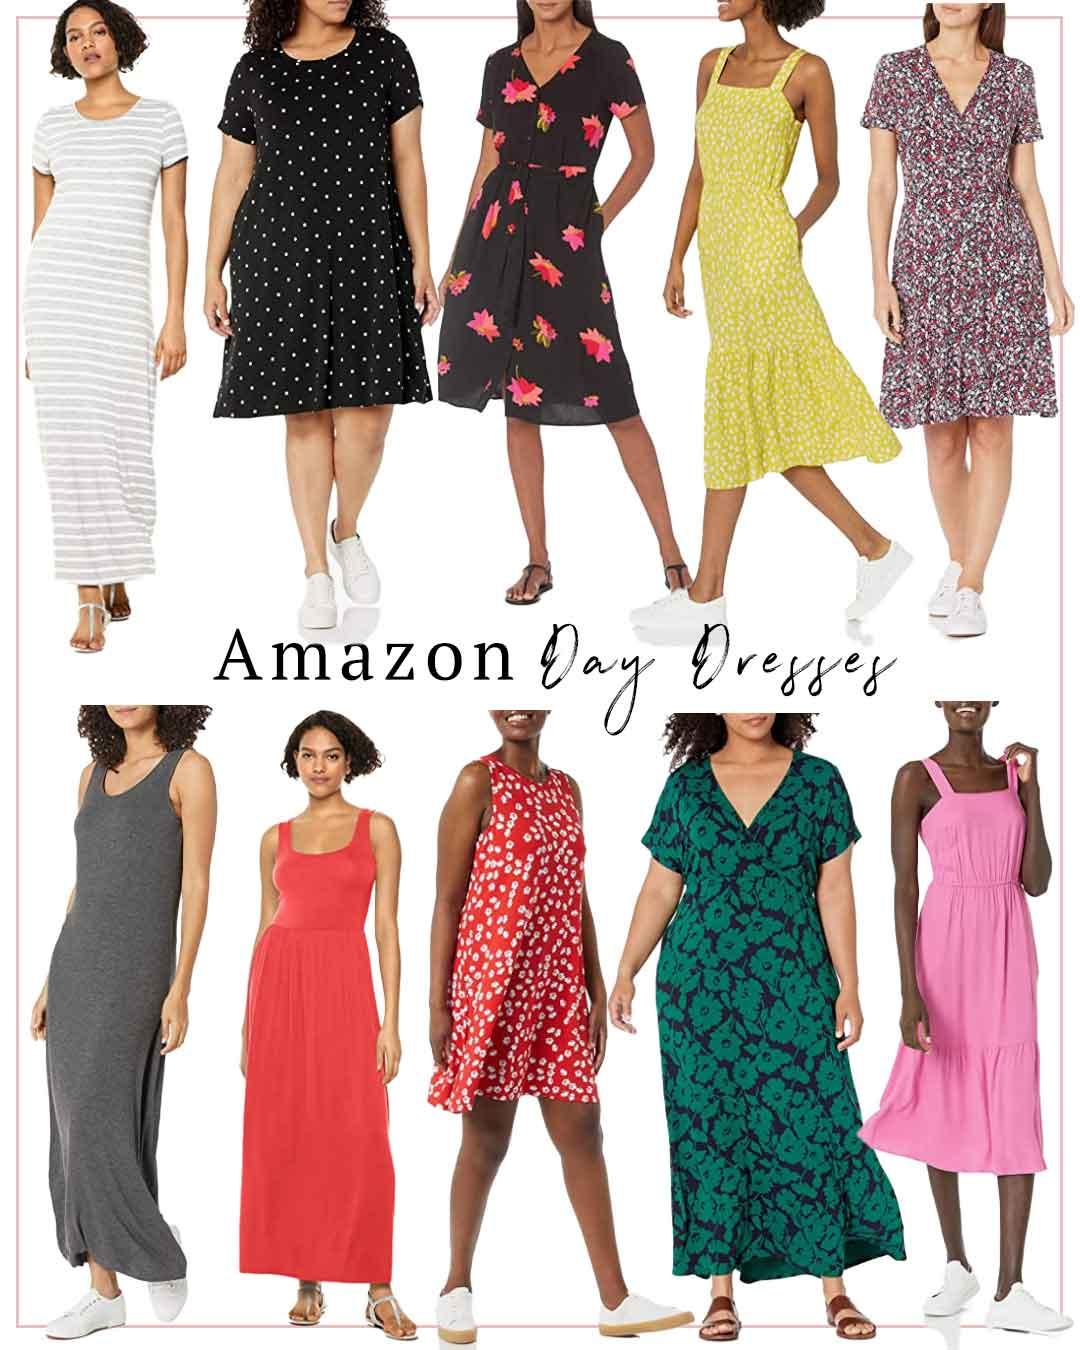 Amazon Day Dresses Under $30